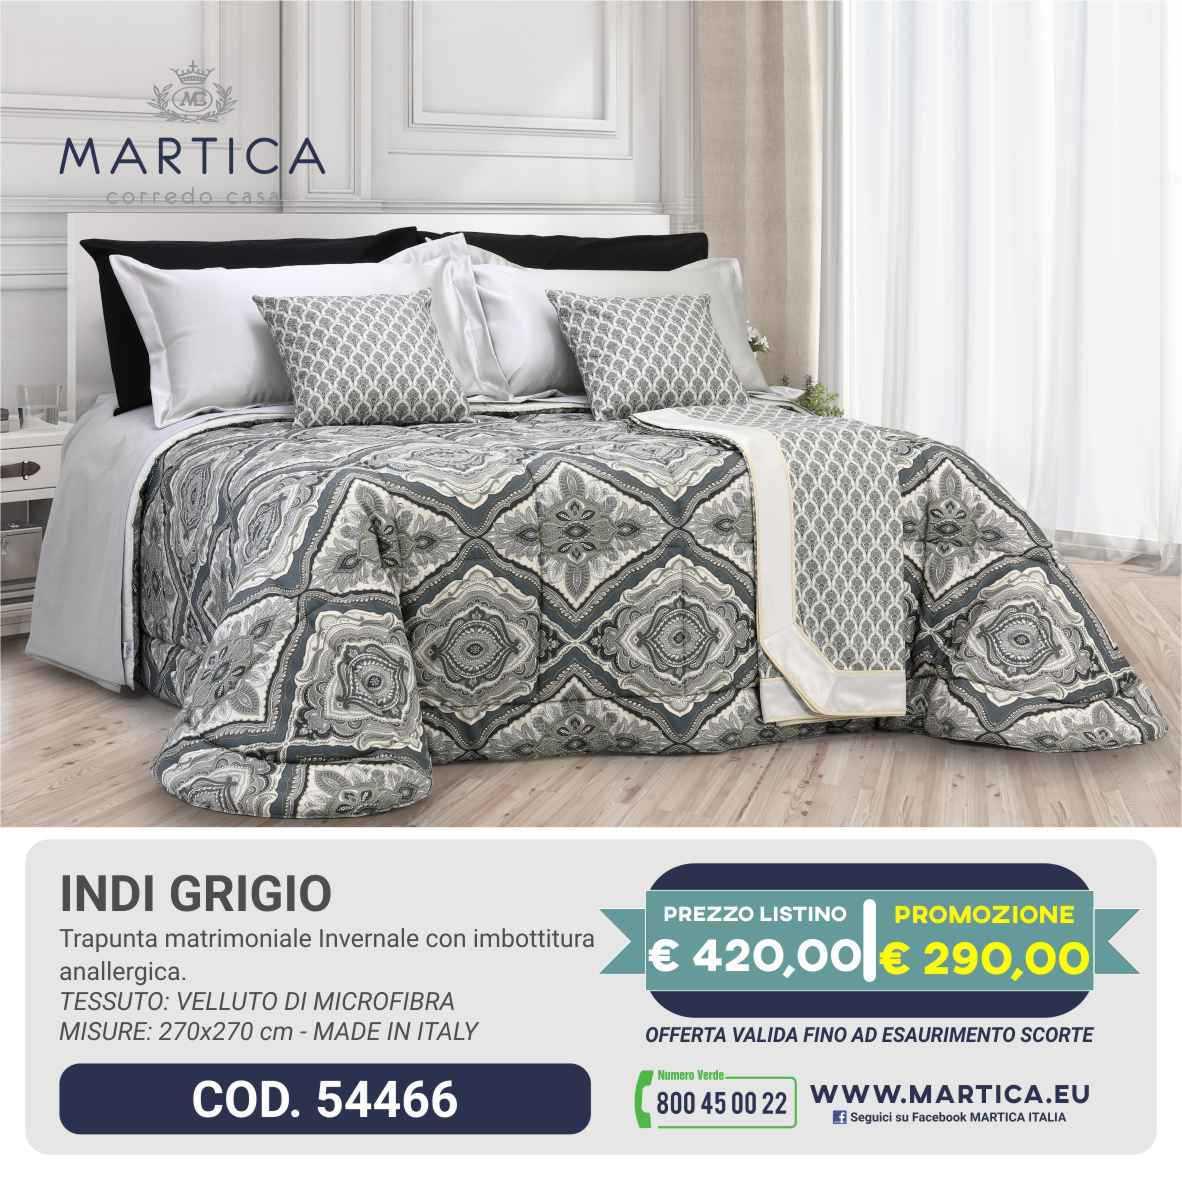 Indi Grigio